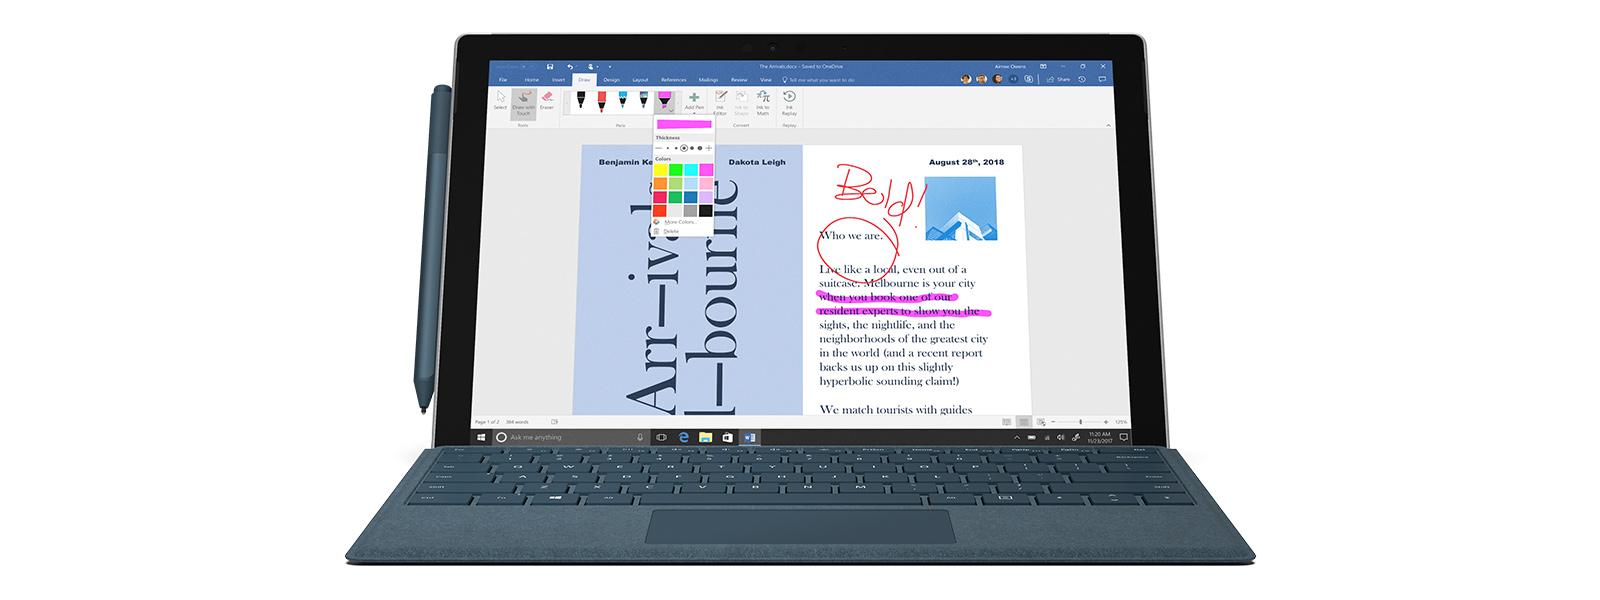 อุปกรณ์ Surface Pro แสดงการใช้หมึกในหน้าจอระบายสี 3D